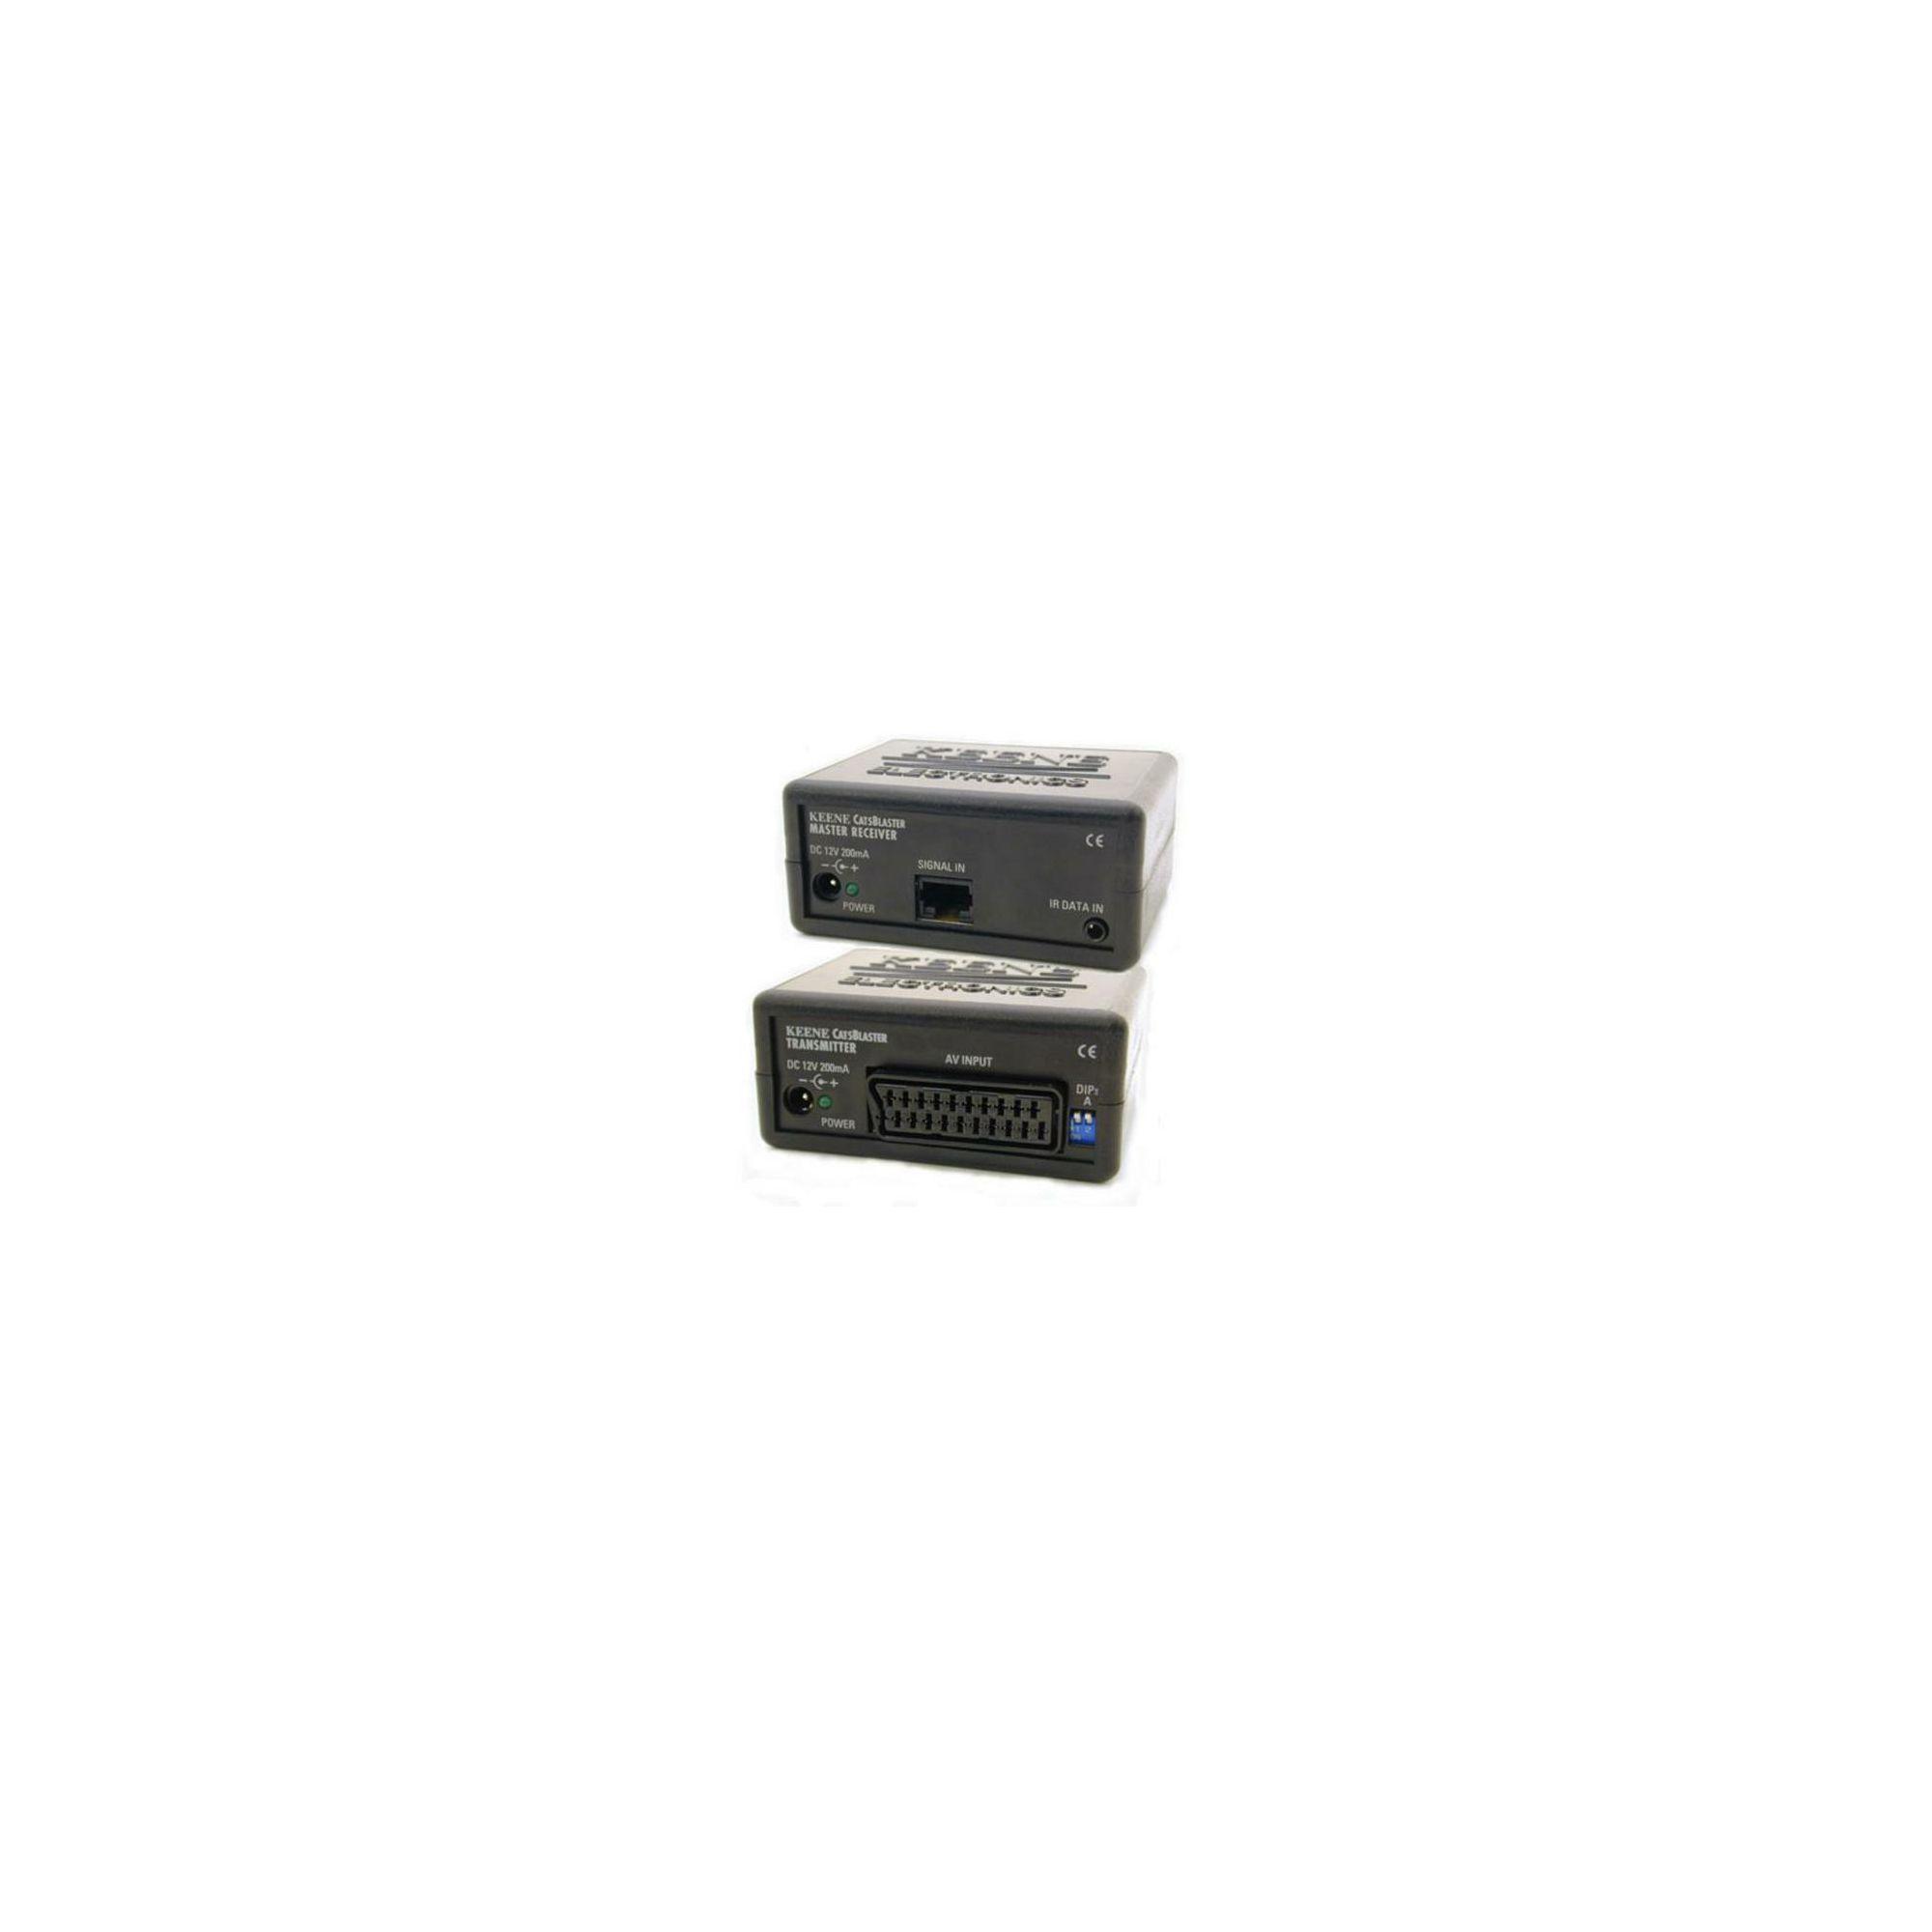 KEENE ELECTRONIC CAT5 BLASTER (2-PIN PSU) at Tesco Direct